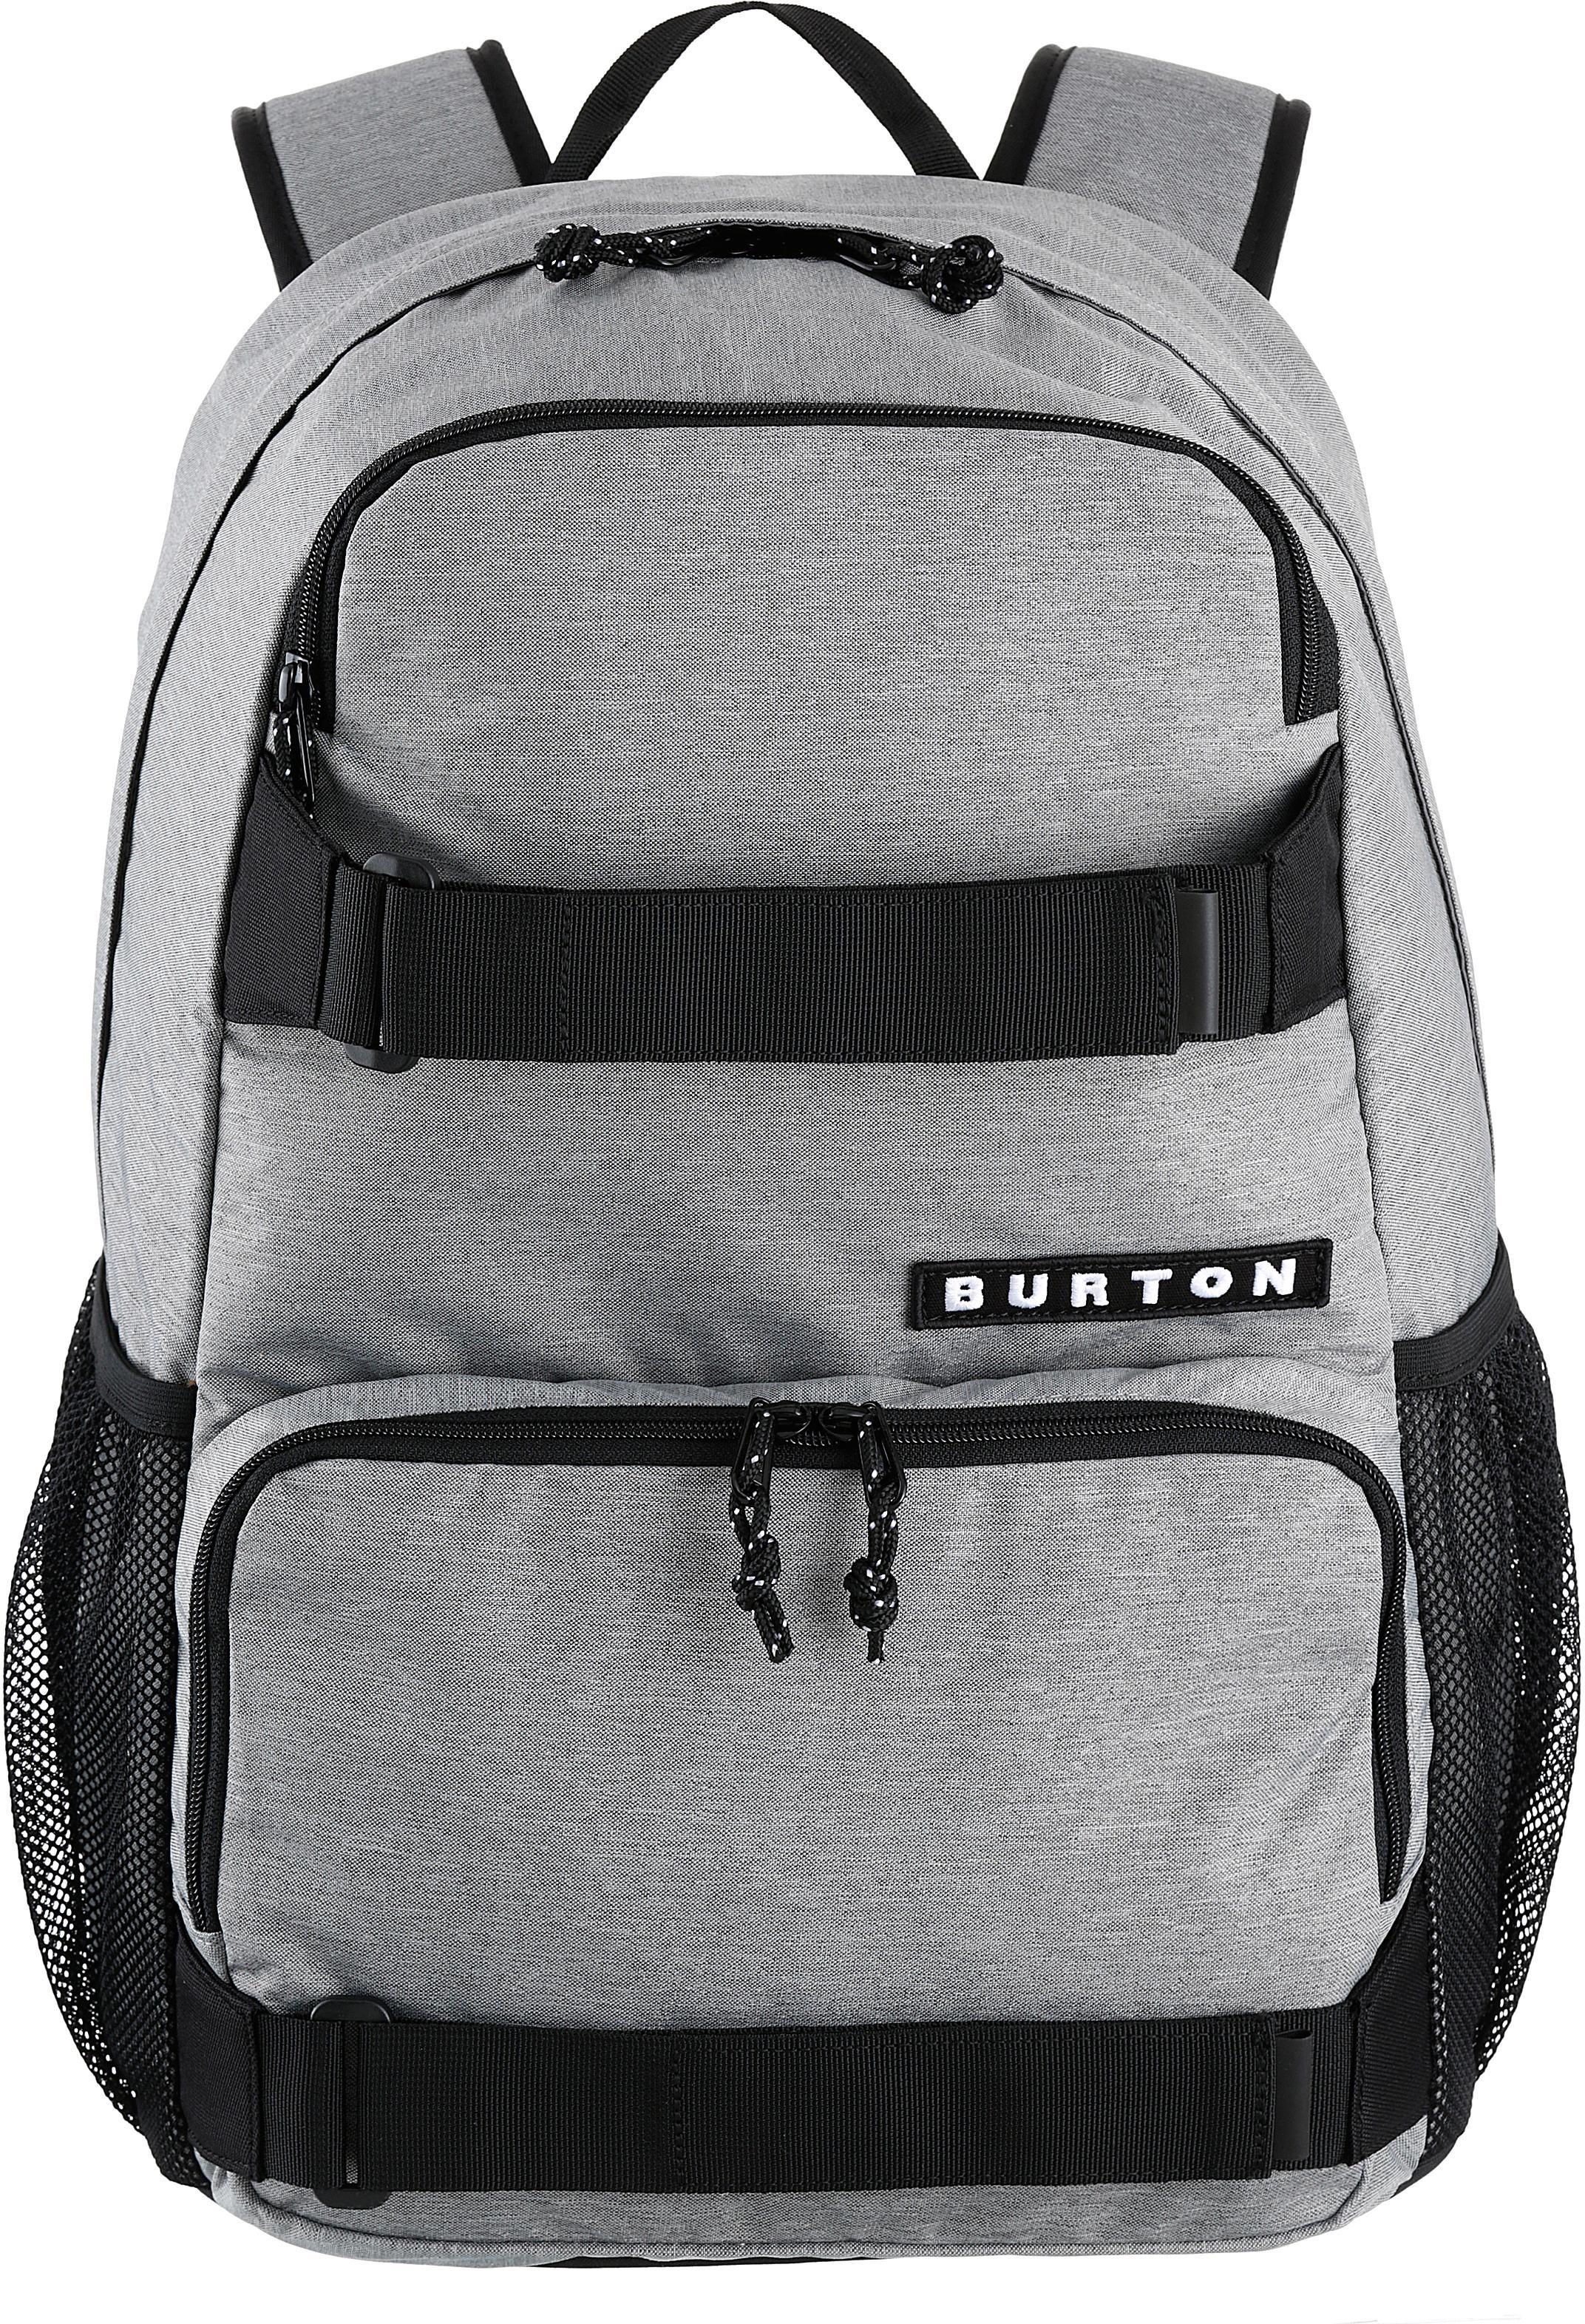 Burton Rucksack mit Laptop- und Tabletfach Treble Yell Grey Heather Preisvergleich